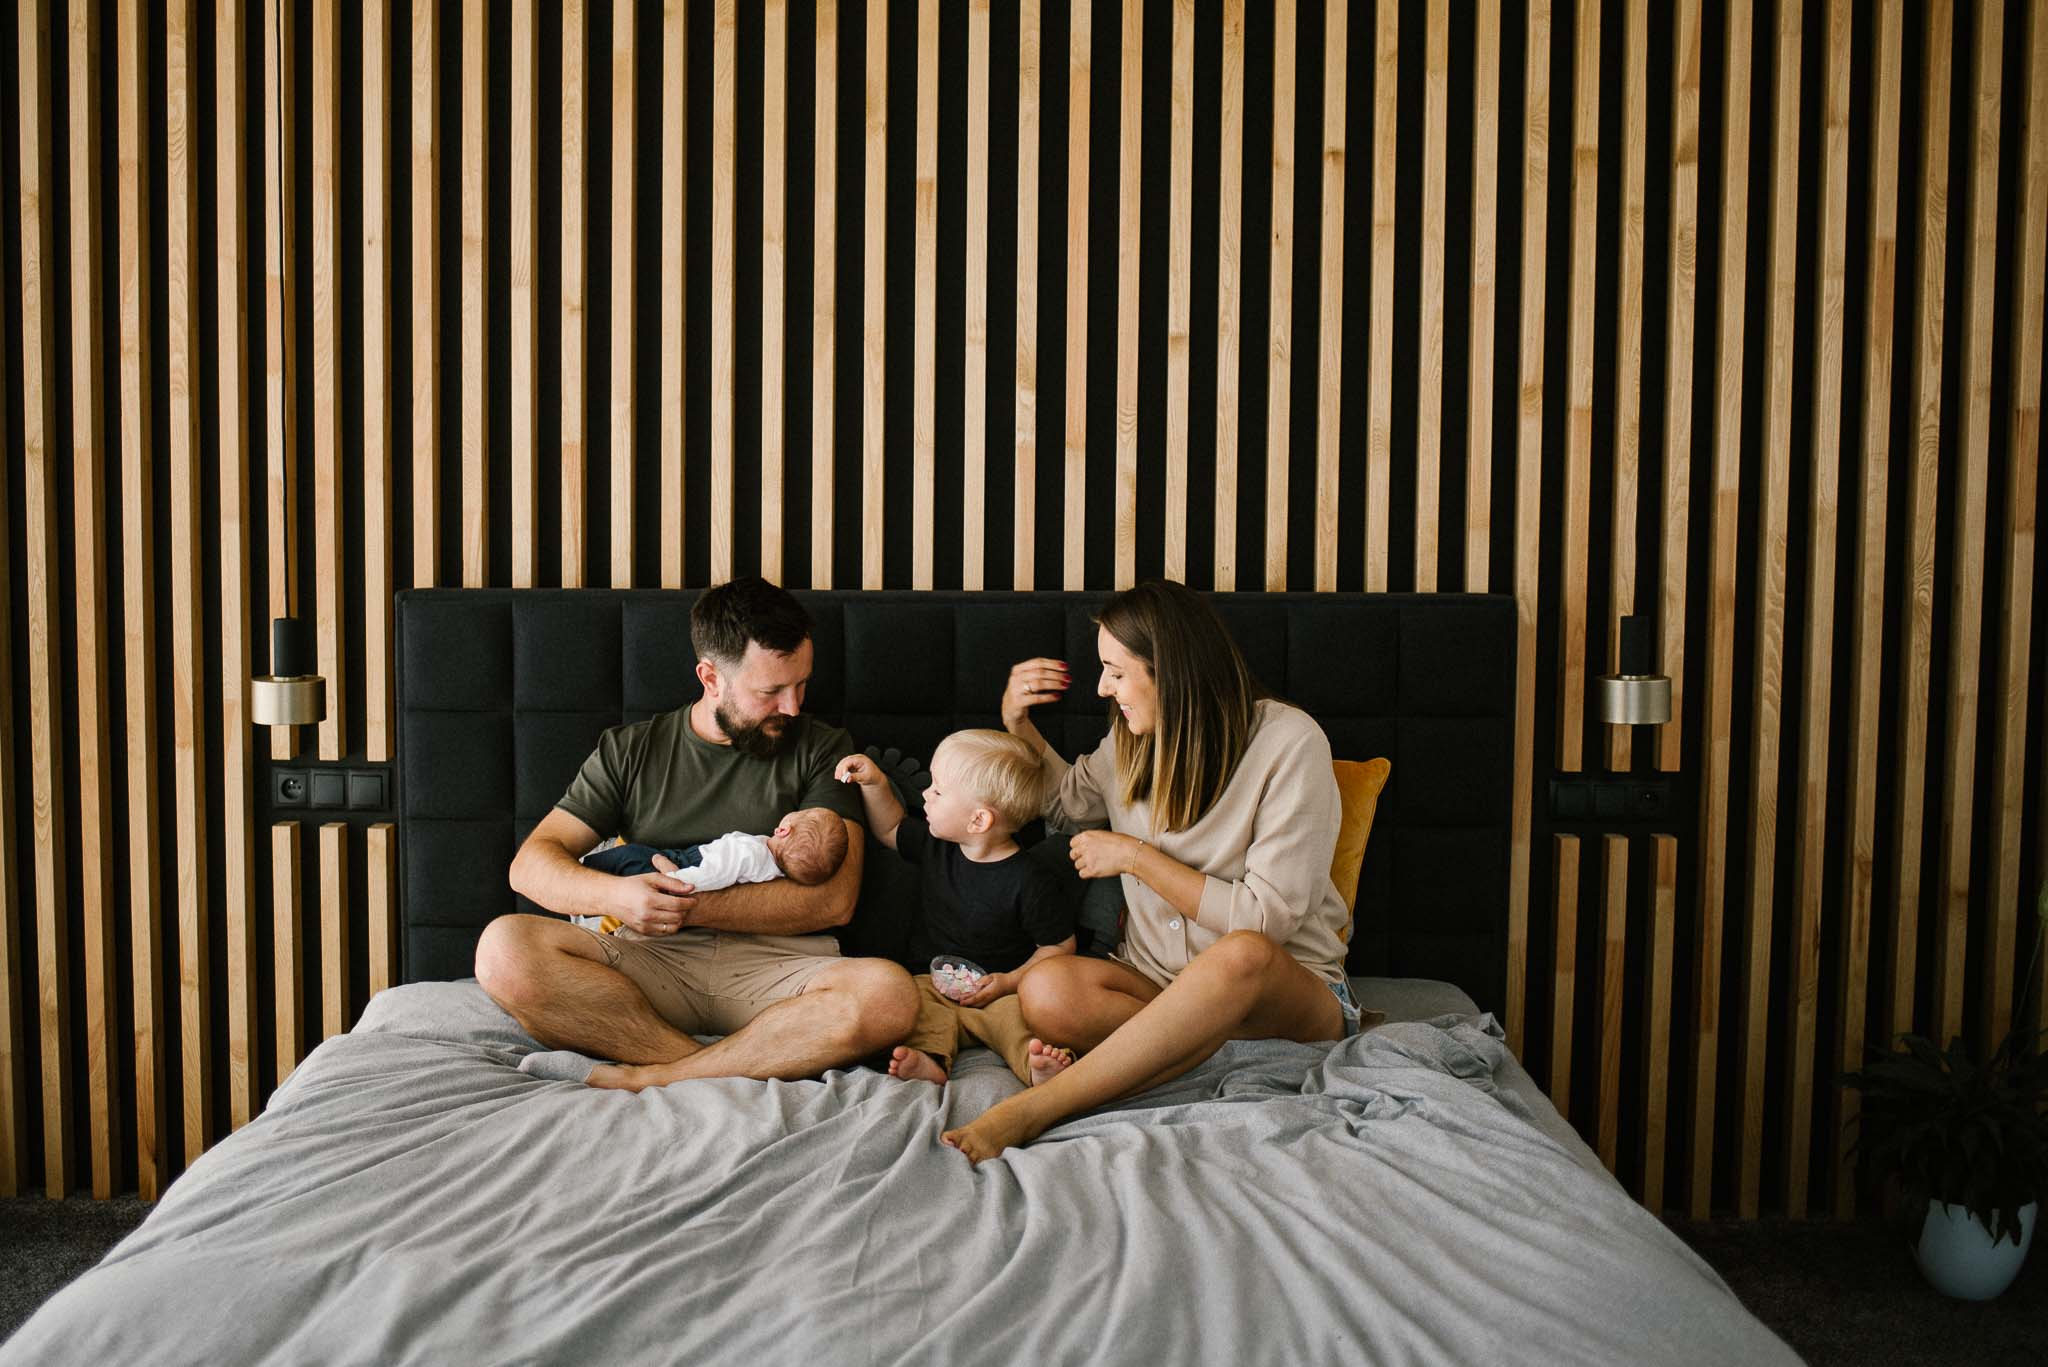 Rodzina siedzi na łóżku z niemowlakiem - sesja noworodkowa lifestyle w Poznaniu